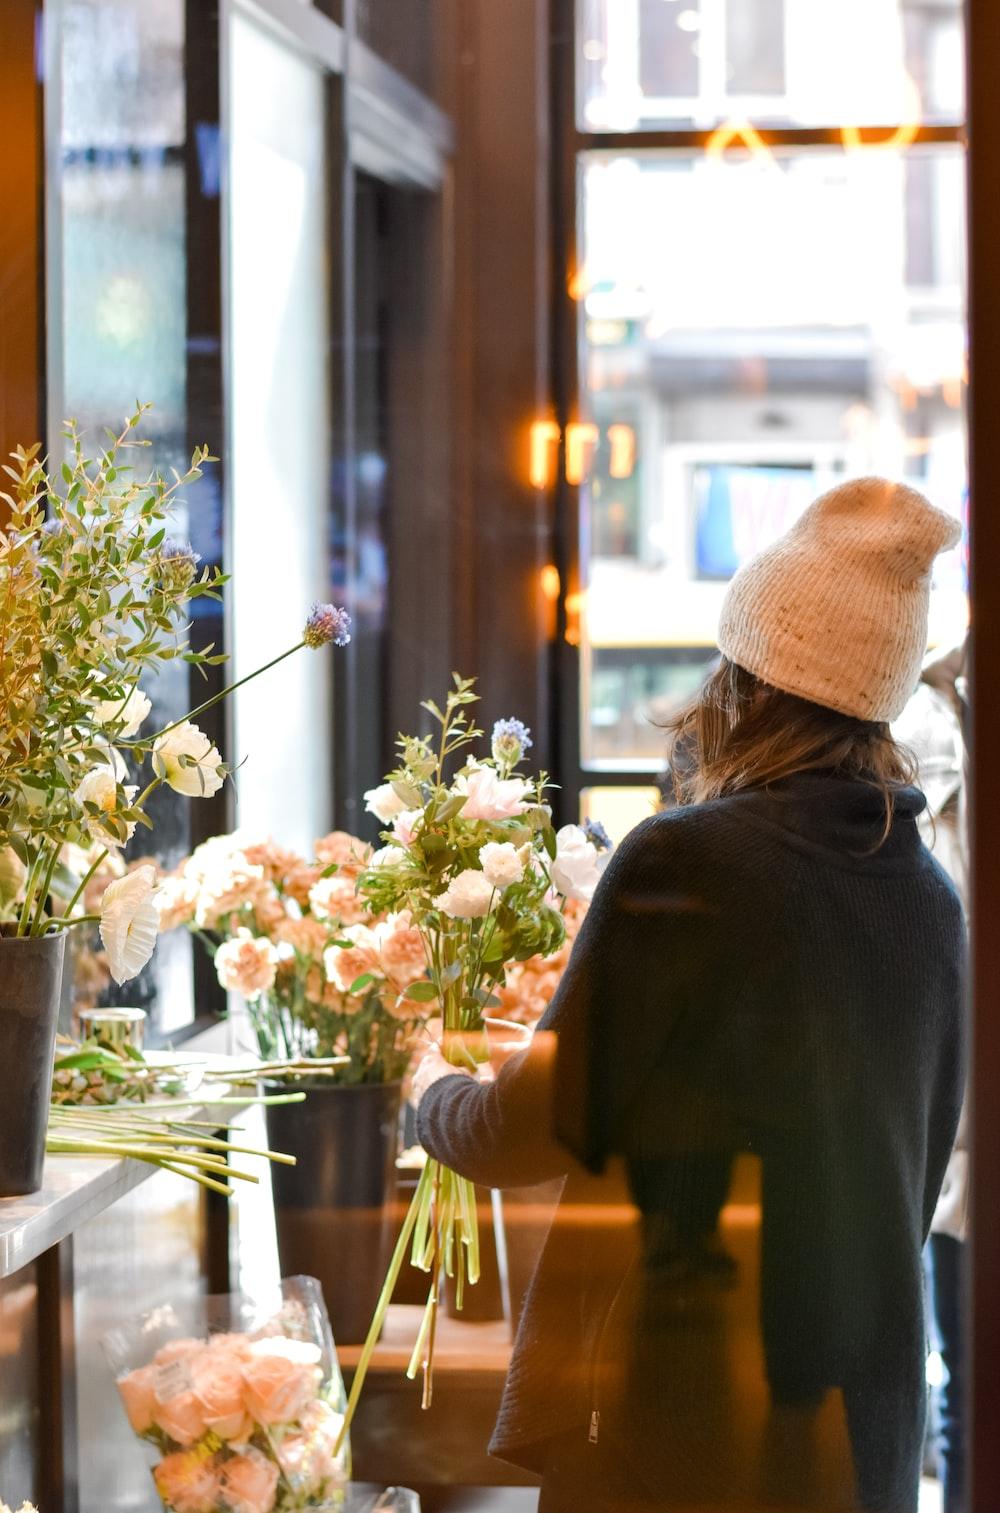 woman arranges white petaled flowers